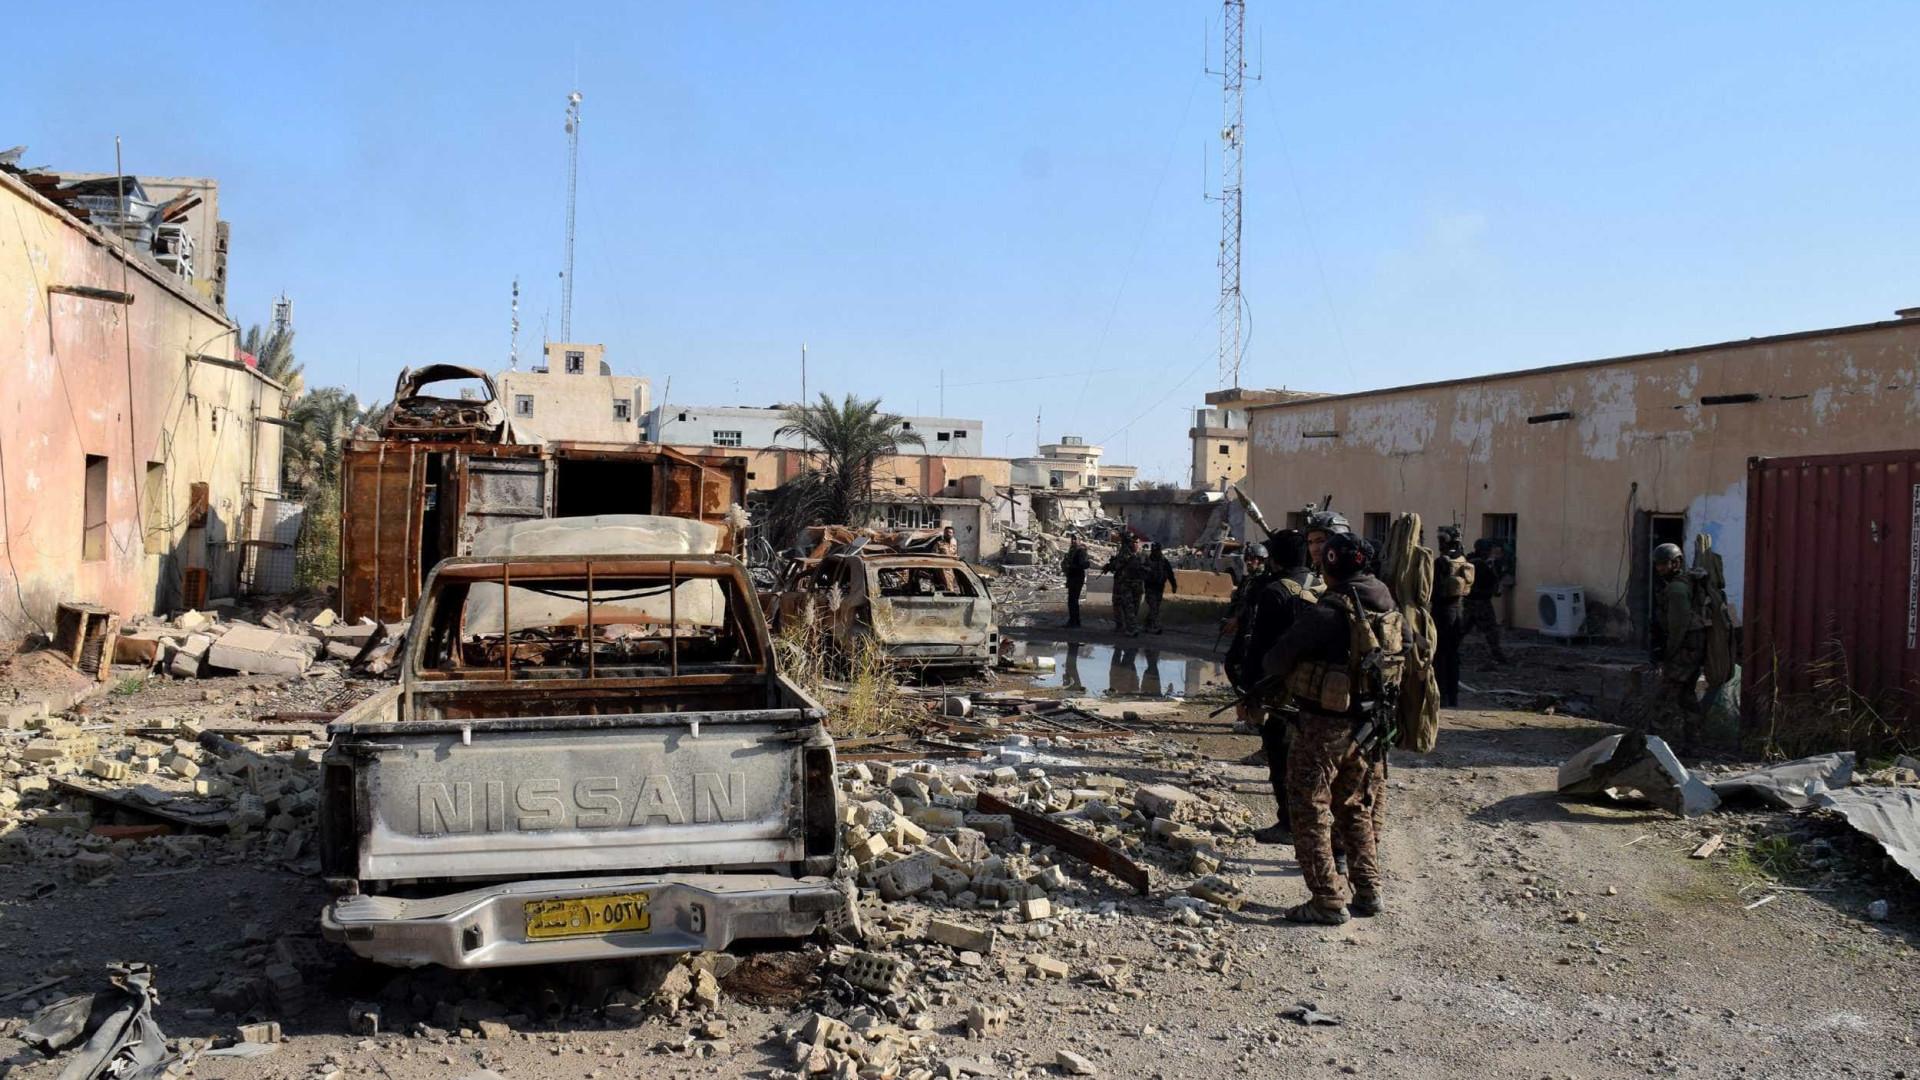 Quinze jihadistas do Daesh e três militares iraquianos morrem em combates